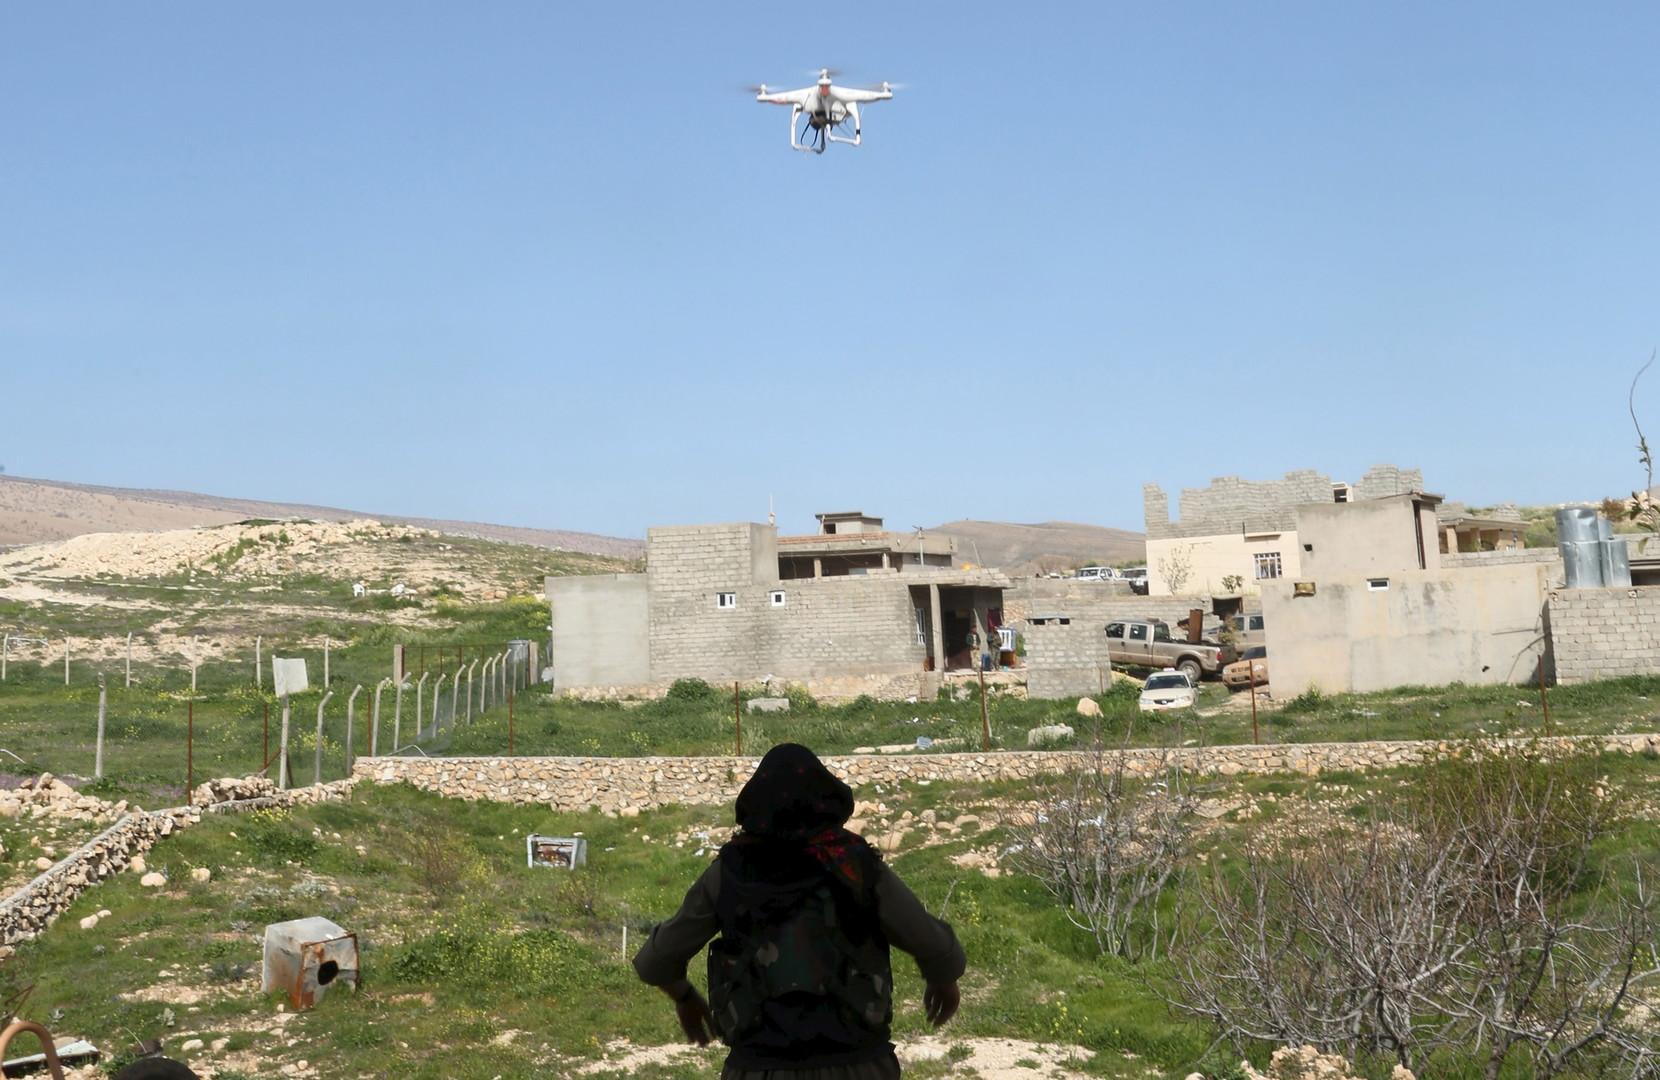 Kämpferin wartet auf die Landung einer Drone. Mit dem Fluggerät kundschaften die Frauen gegnerische Positionen in der Nähe aus.